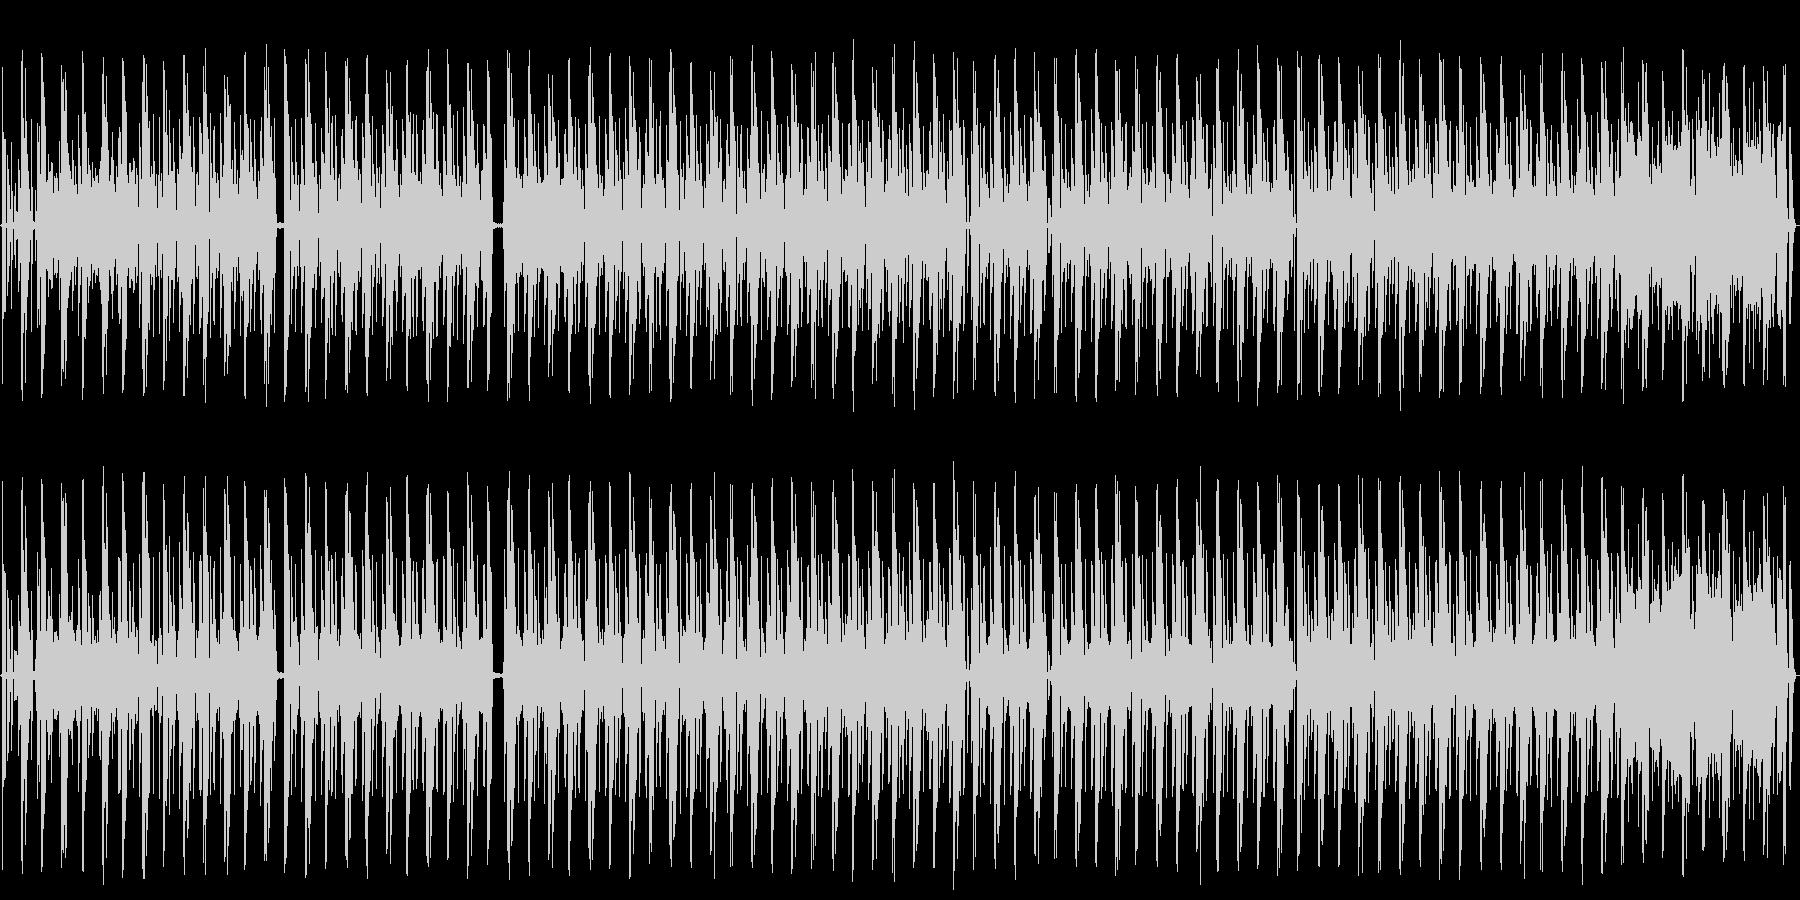 ハードテクノ、エレクトロニック、ト...の未再生の波形